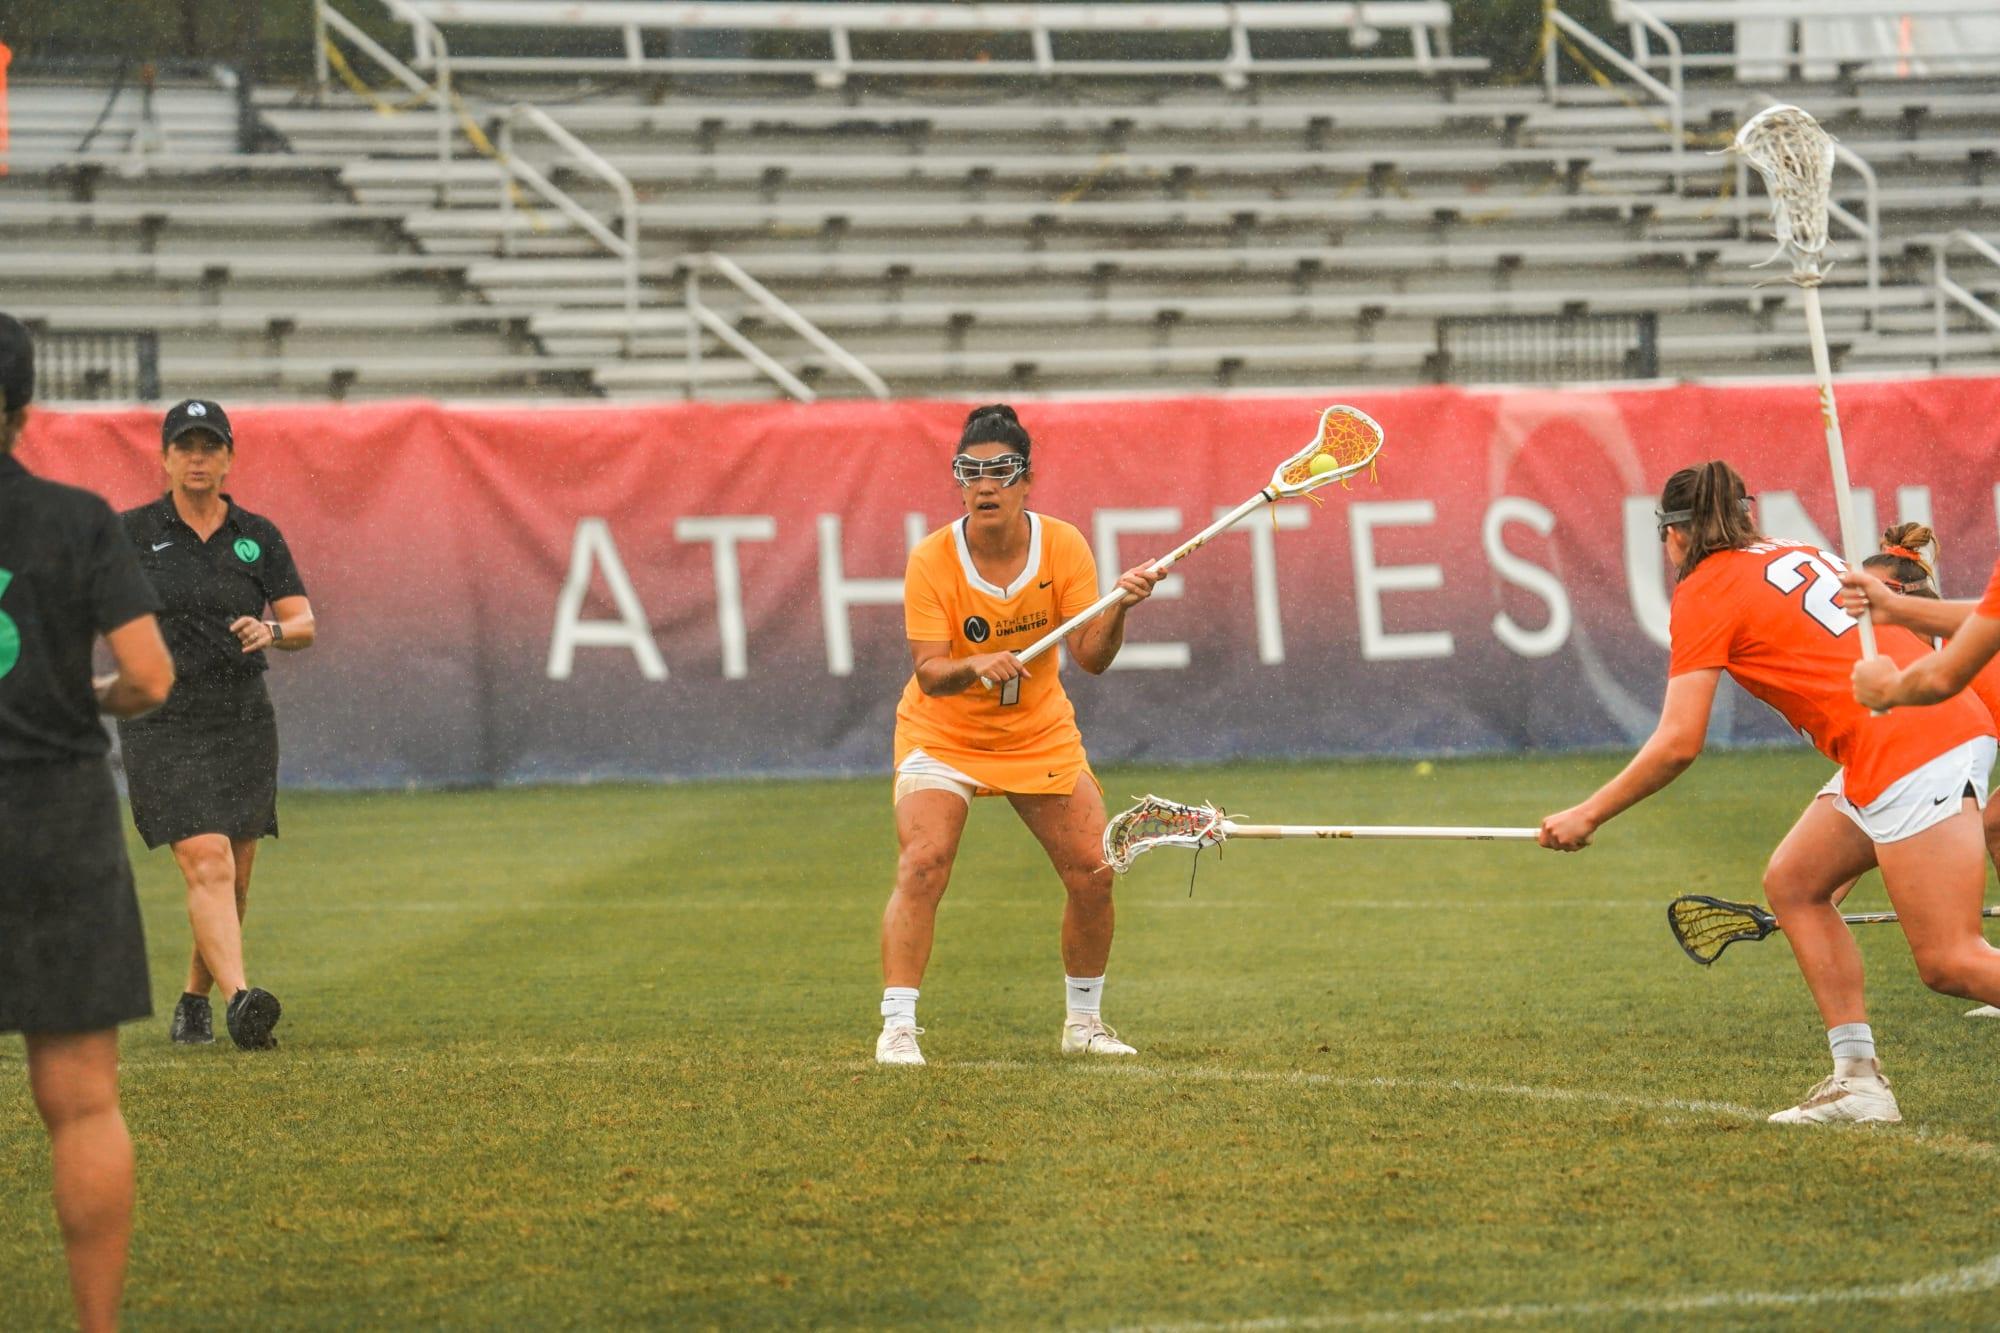 Athletes Unlimited Lacrosse